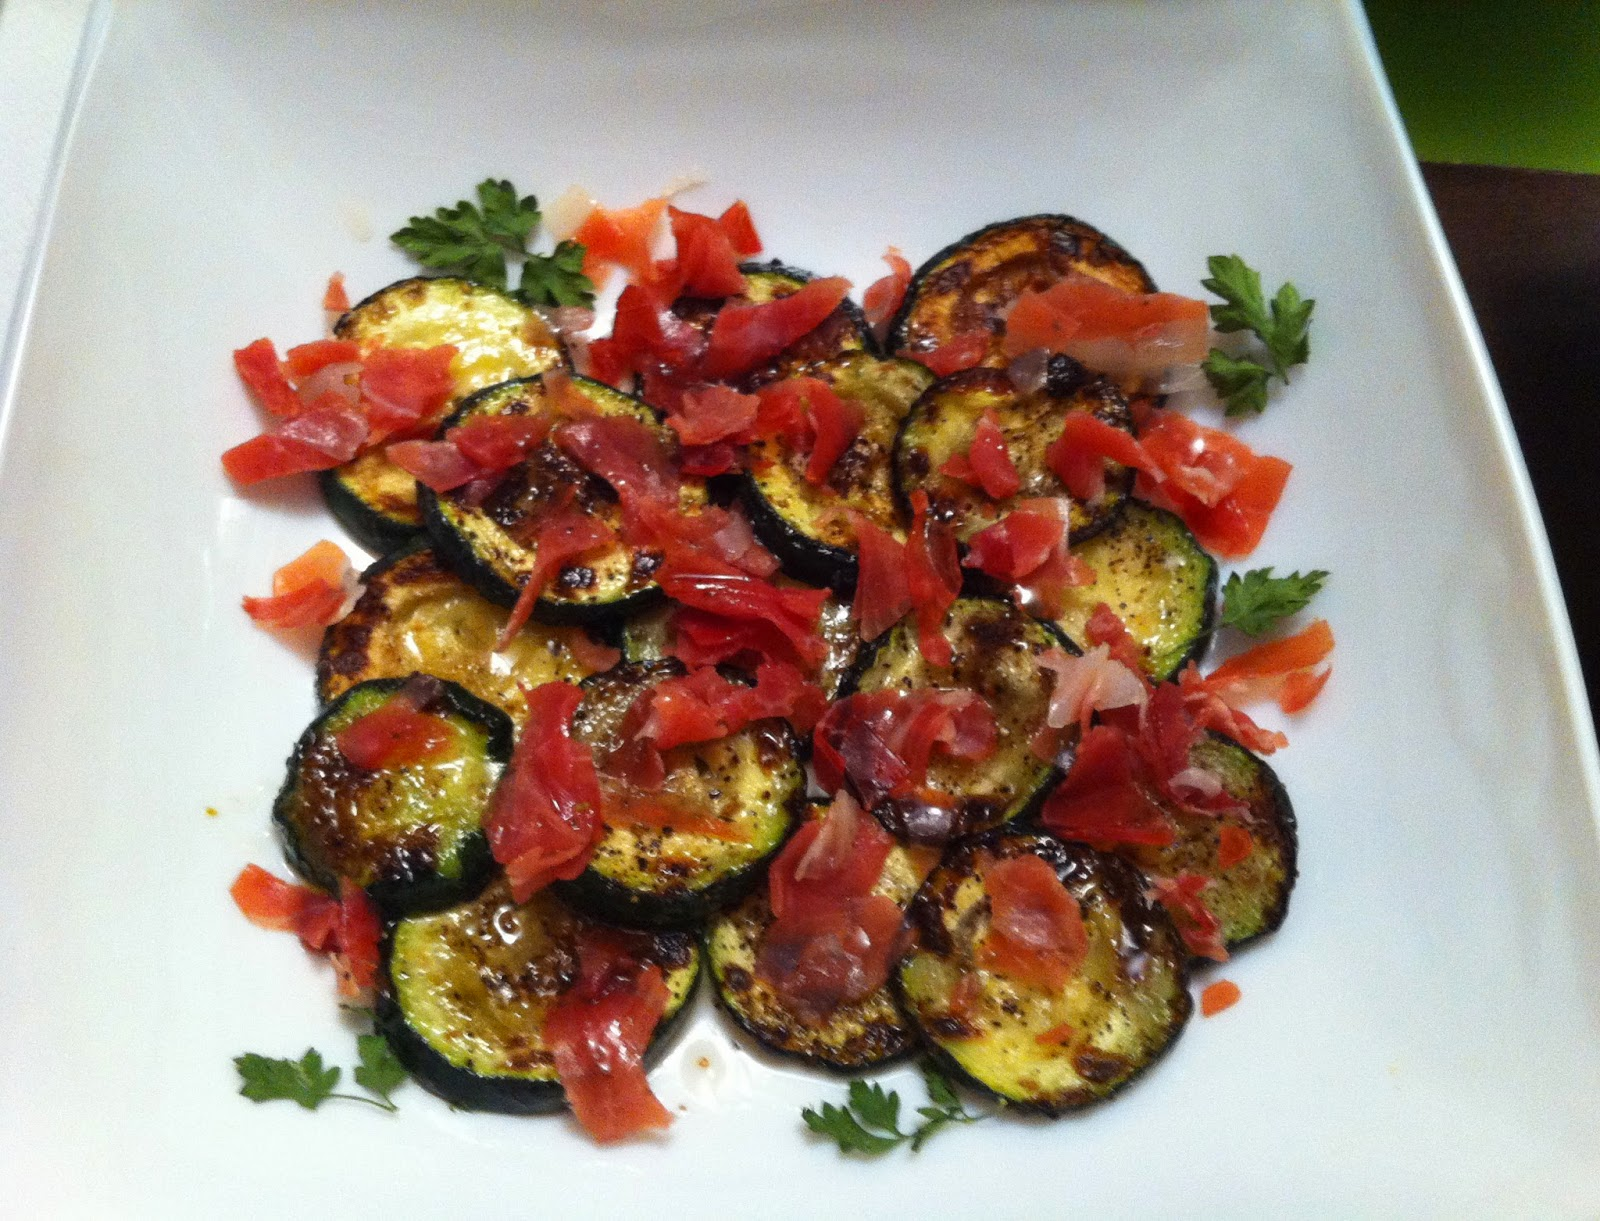 Recetas para cocinillas calabacines a la plancha con salsa agridulce - Salsa para ternera a la plancha ...